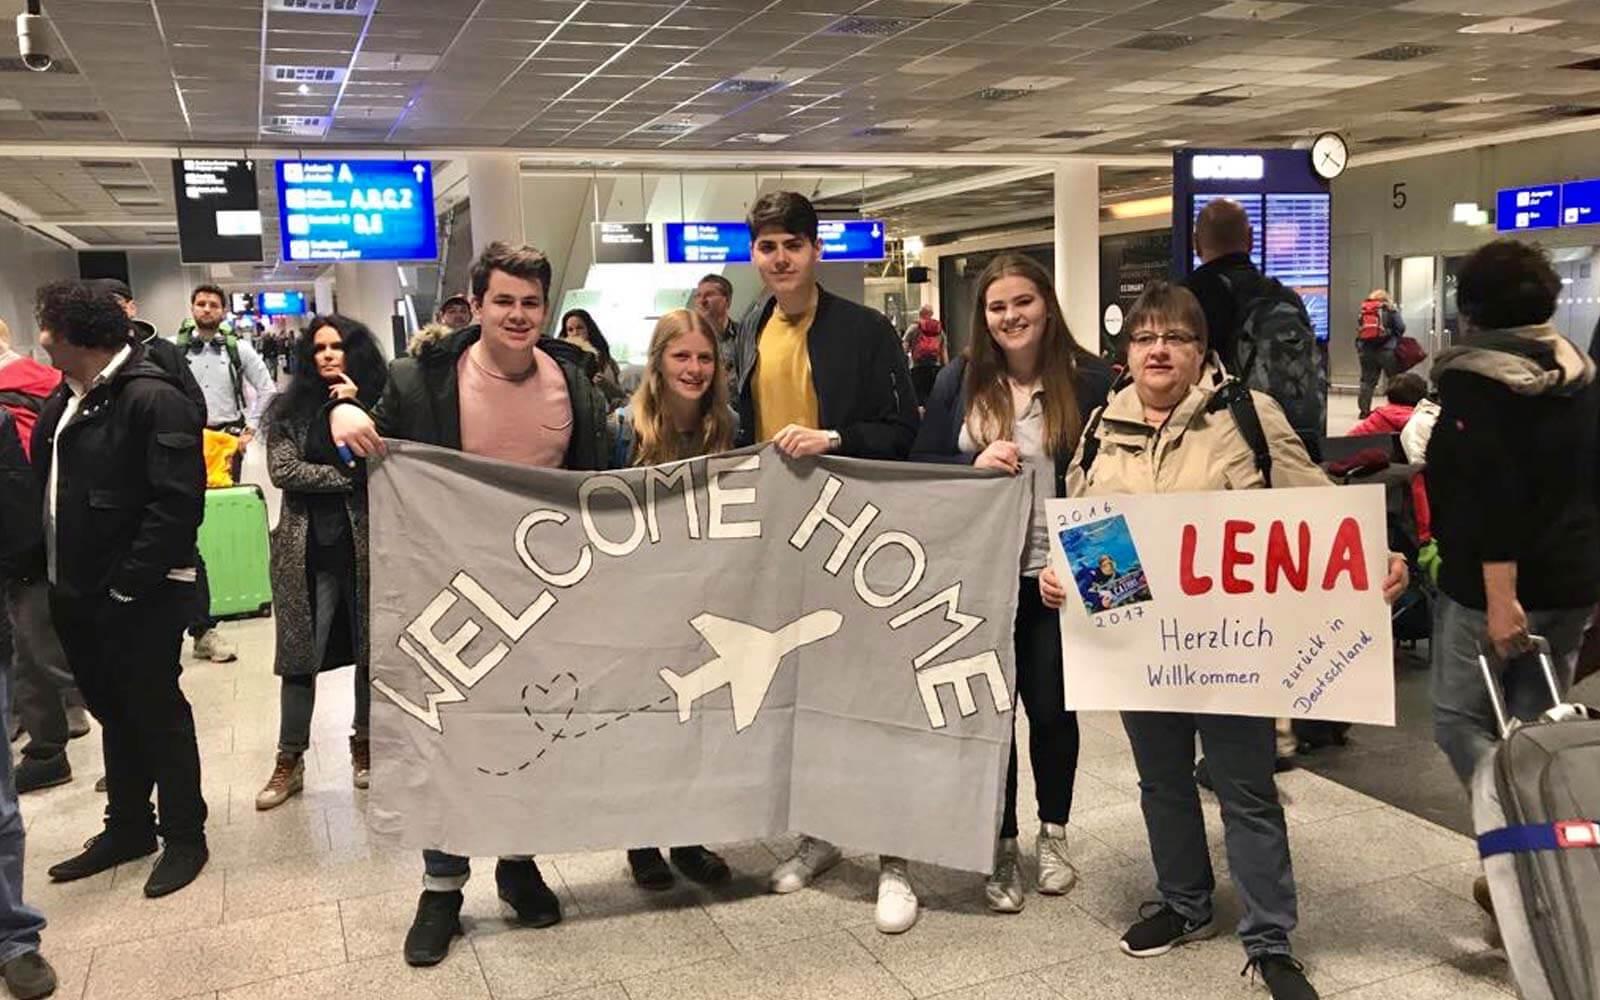 Freunde und Familie heißen Lena am Flughafen willkommen